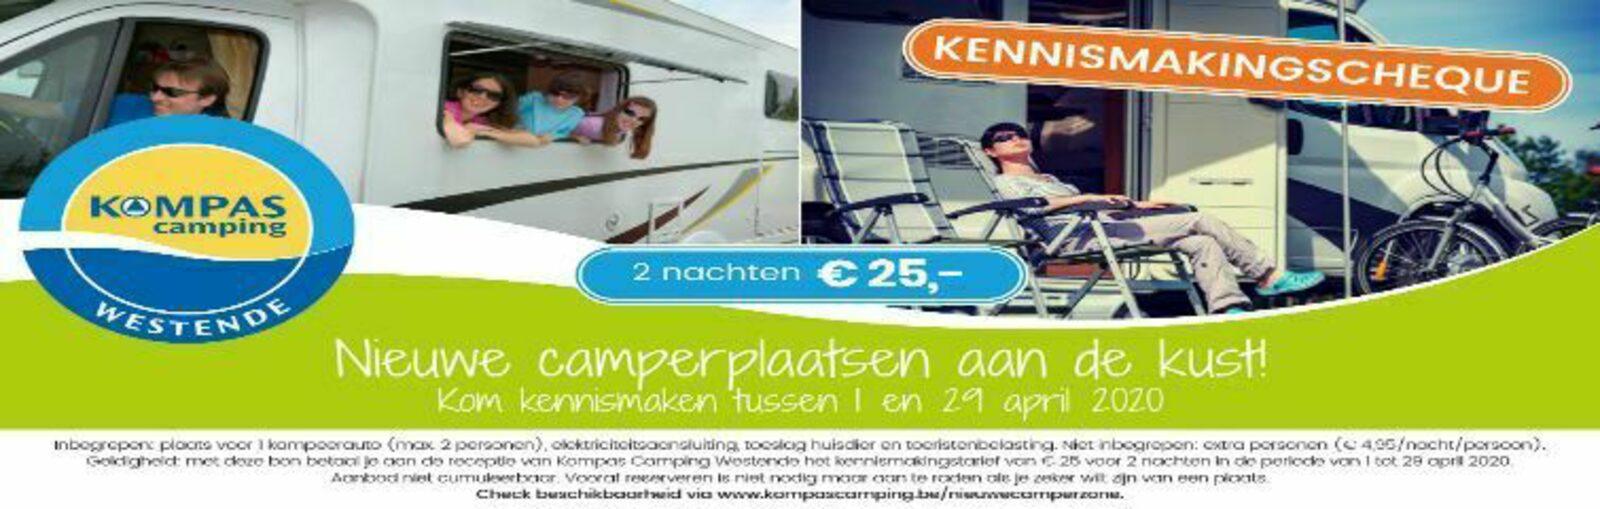 Kennismakingcheque € 25 camperzone Westende